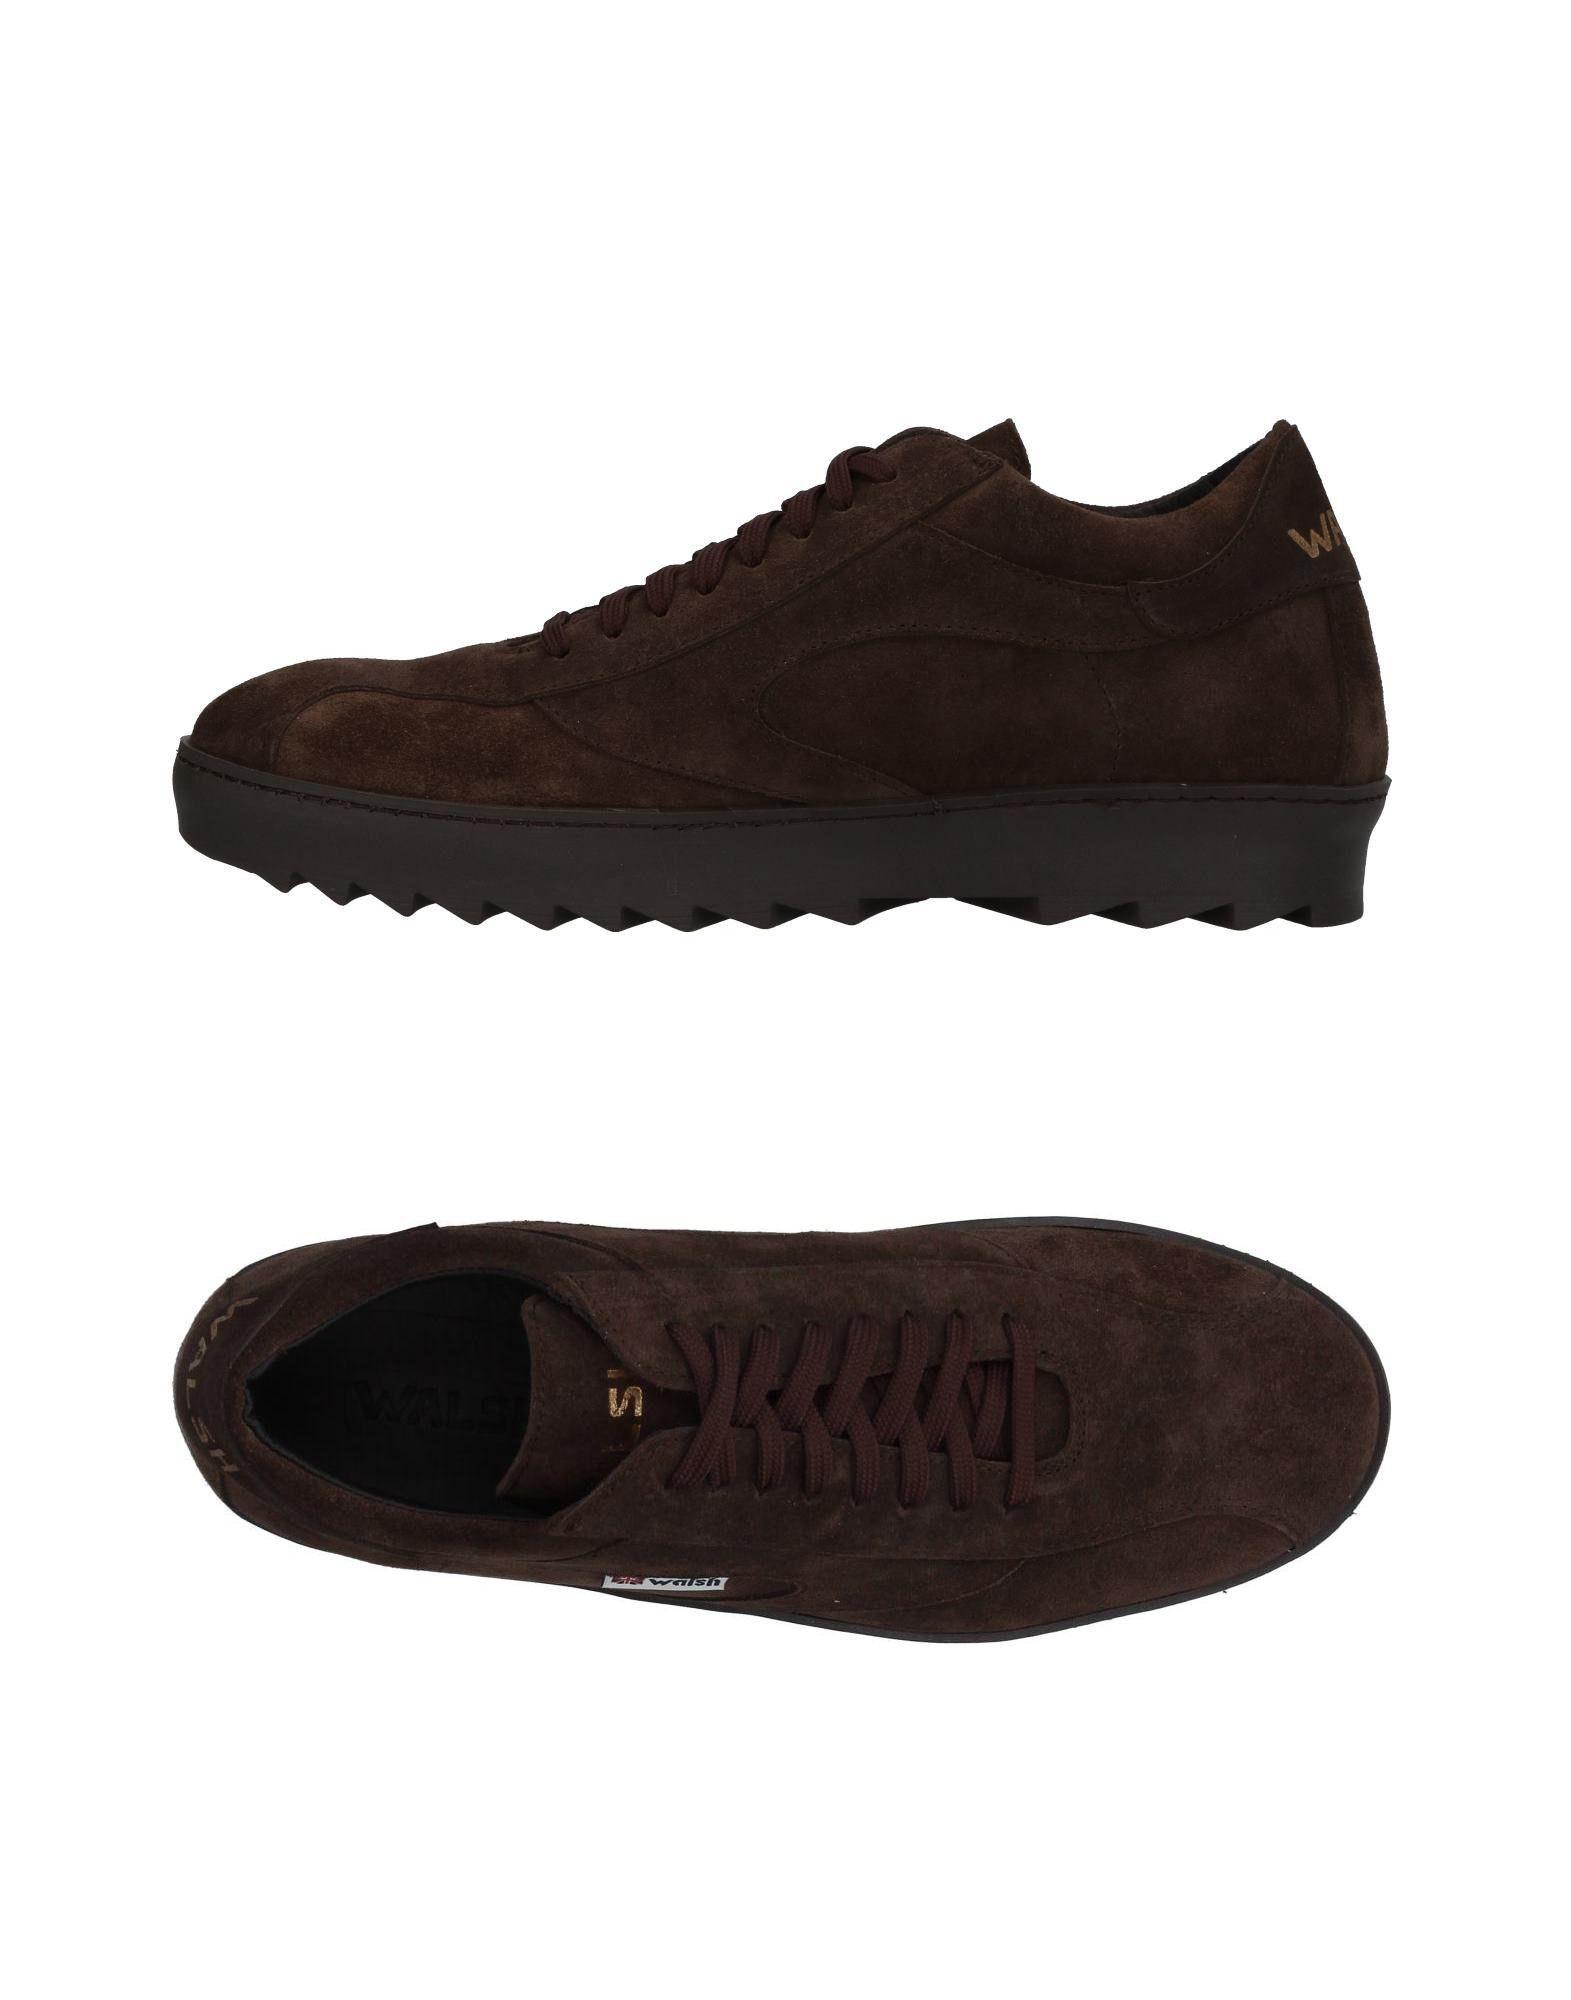 Rabatt Rabatt Rabatt echte Schuhe Walsh Sneakers Herren  11405948PQ 0c928c